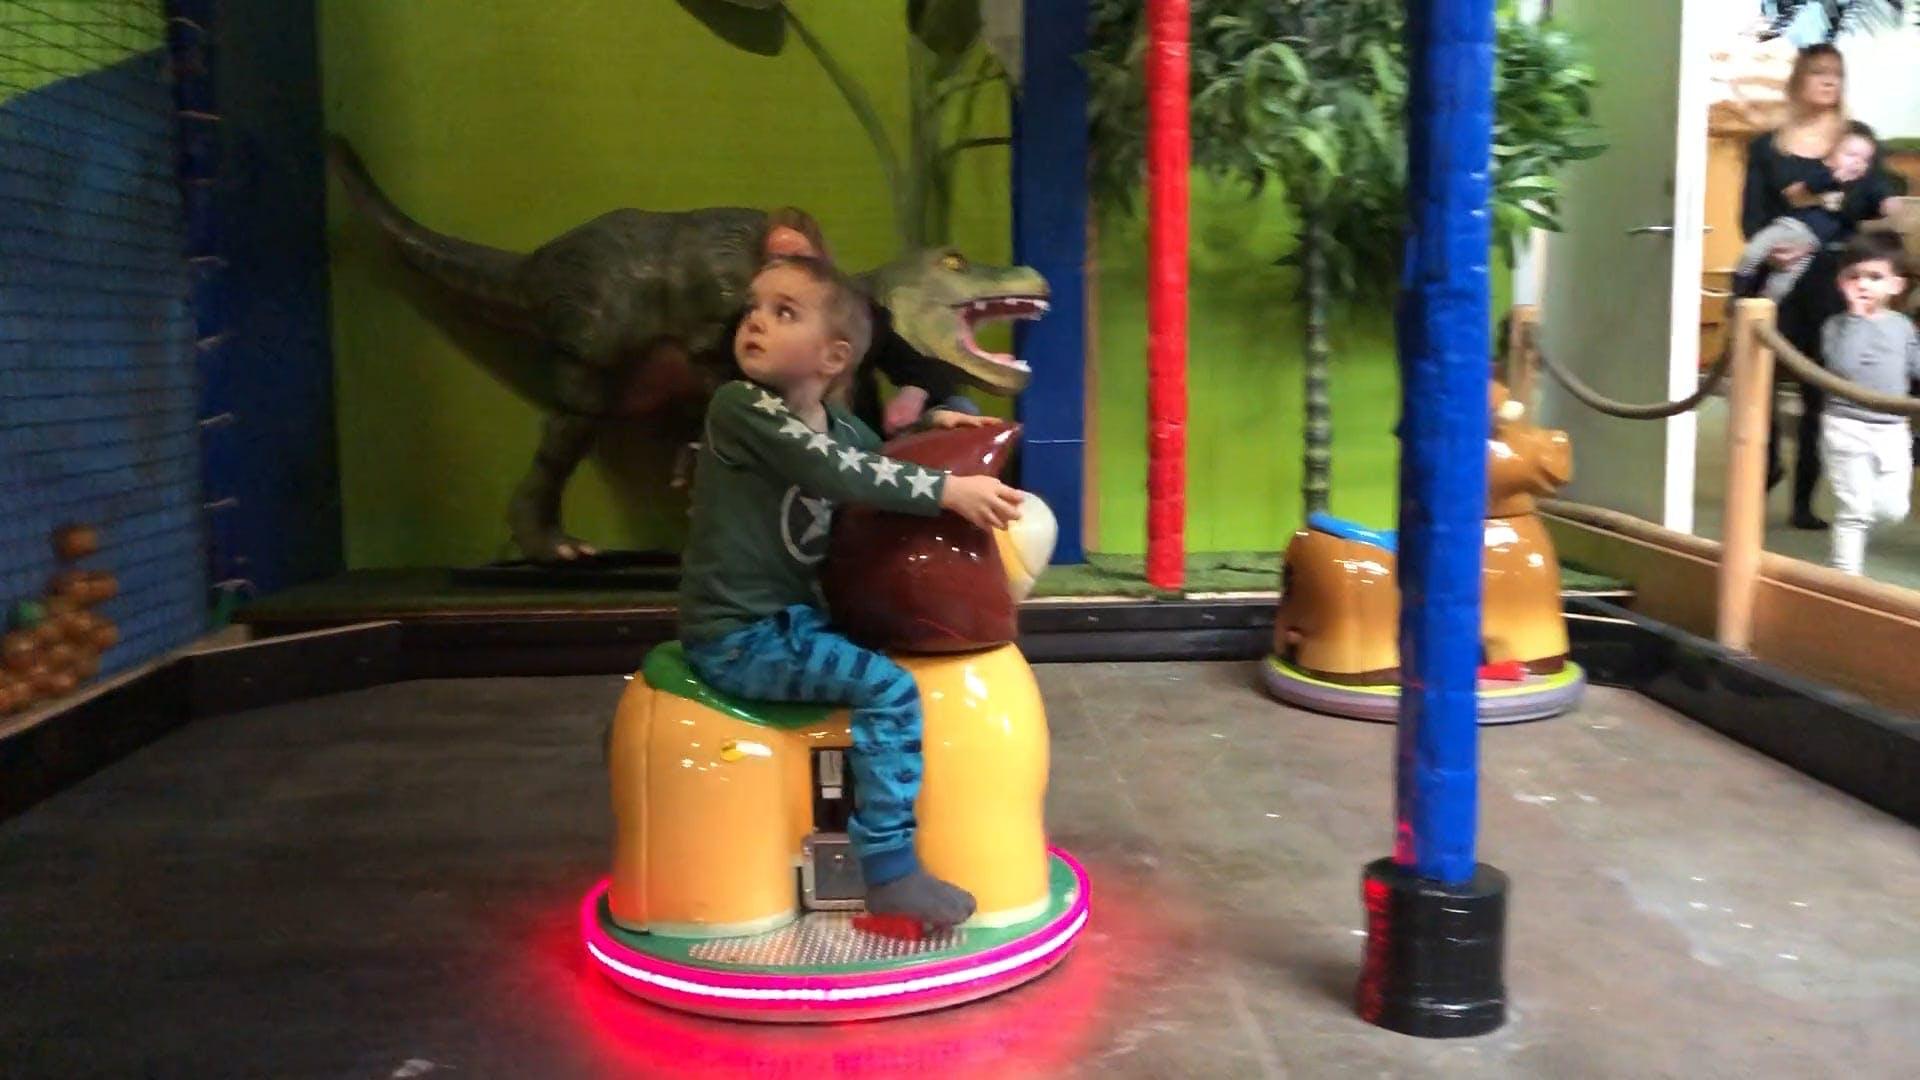 Boy On A Ride